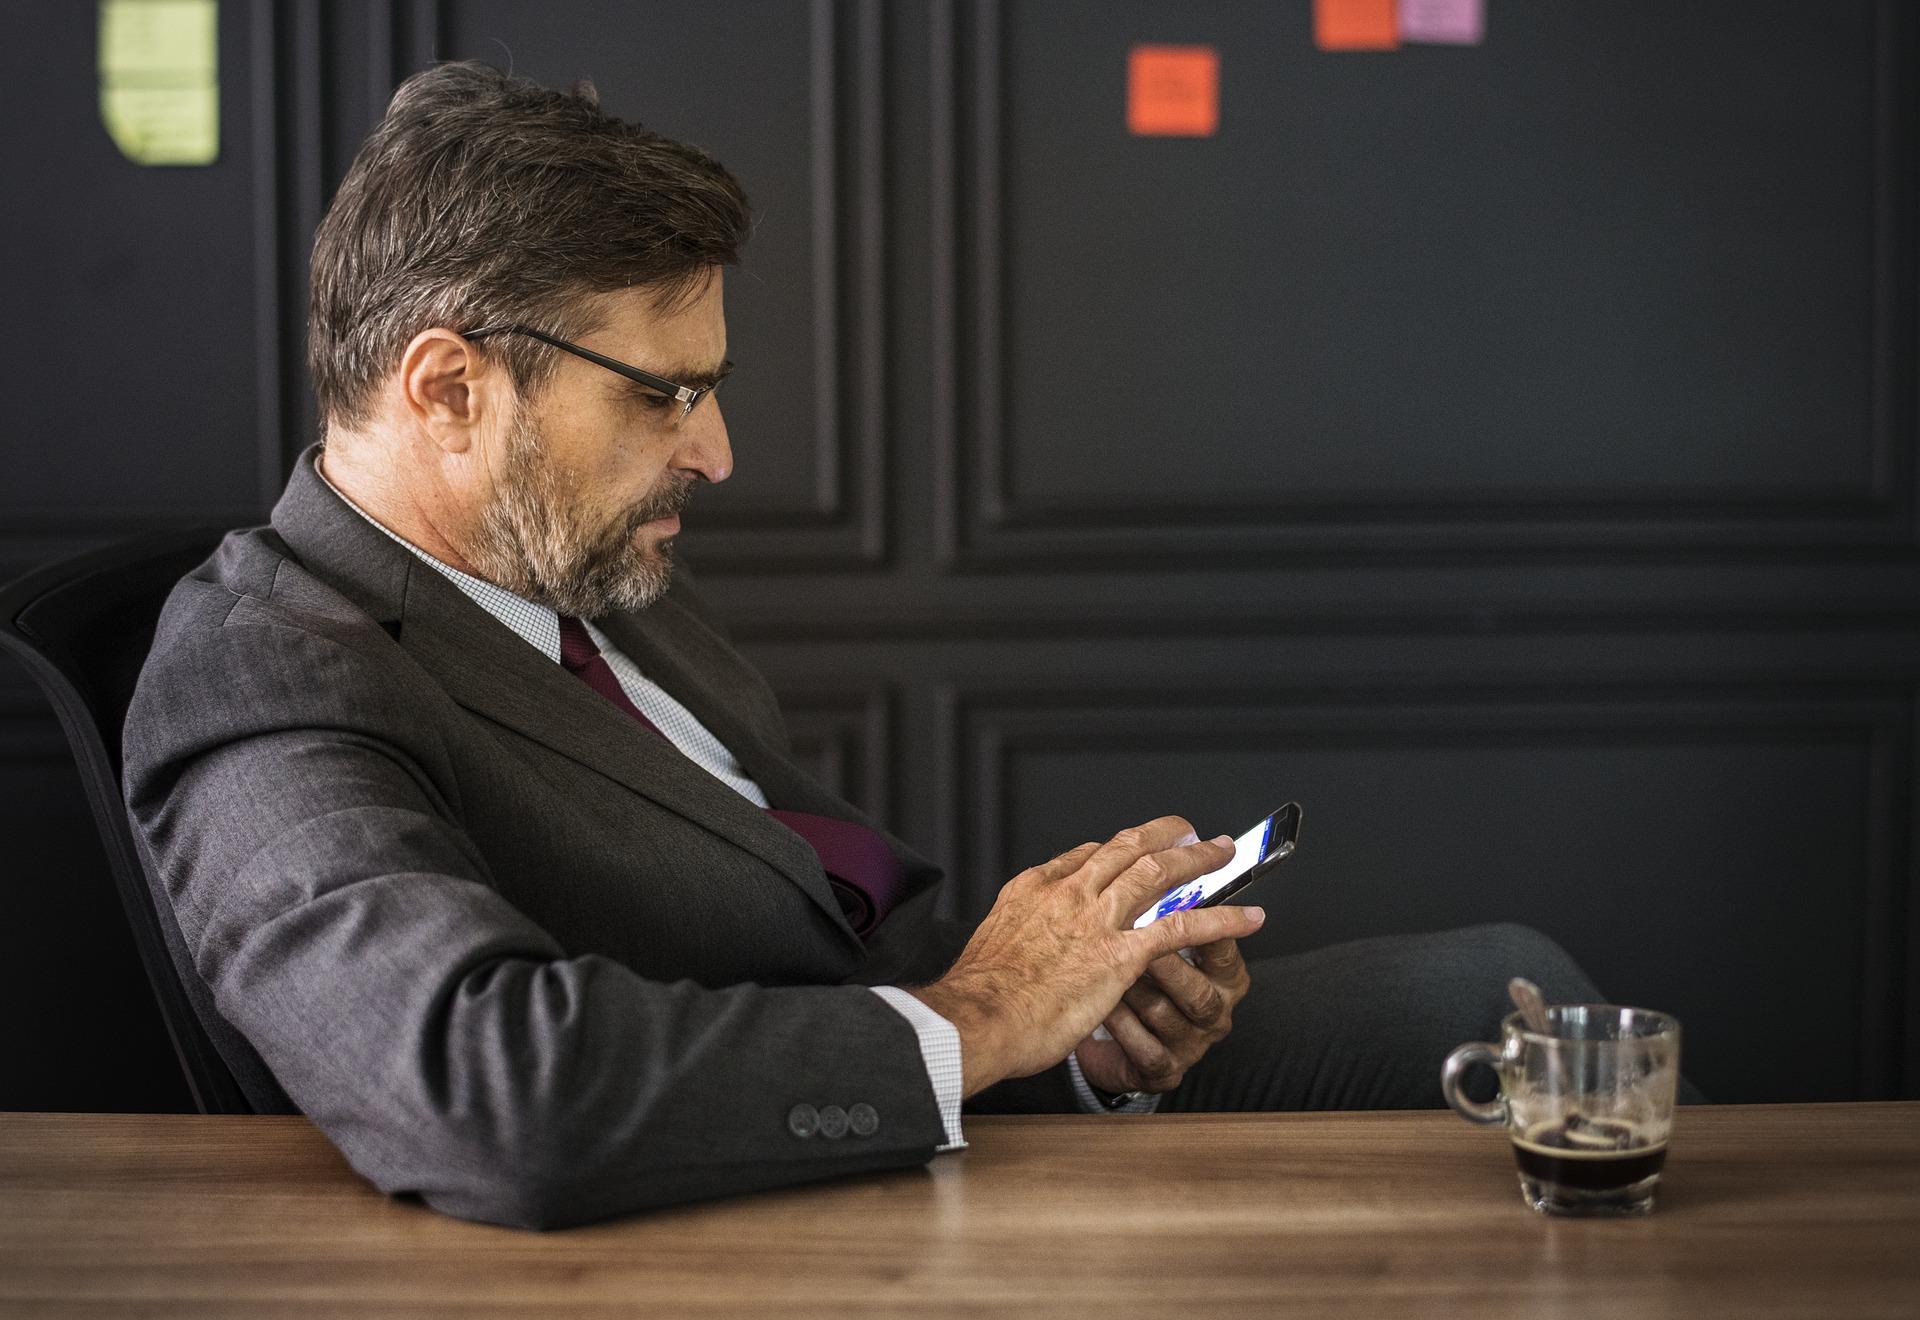 Time назвав найвпливовіших людей в інтернеті у 2018 році